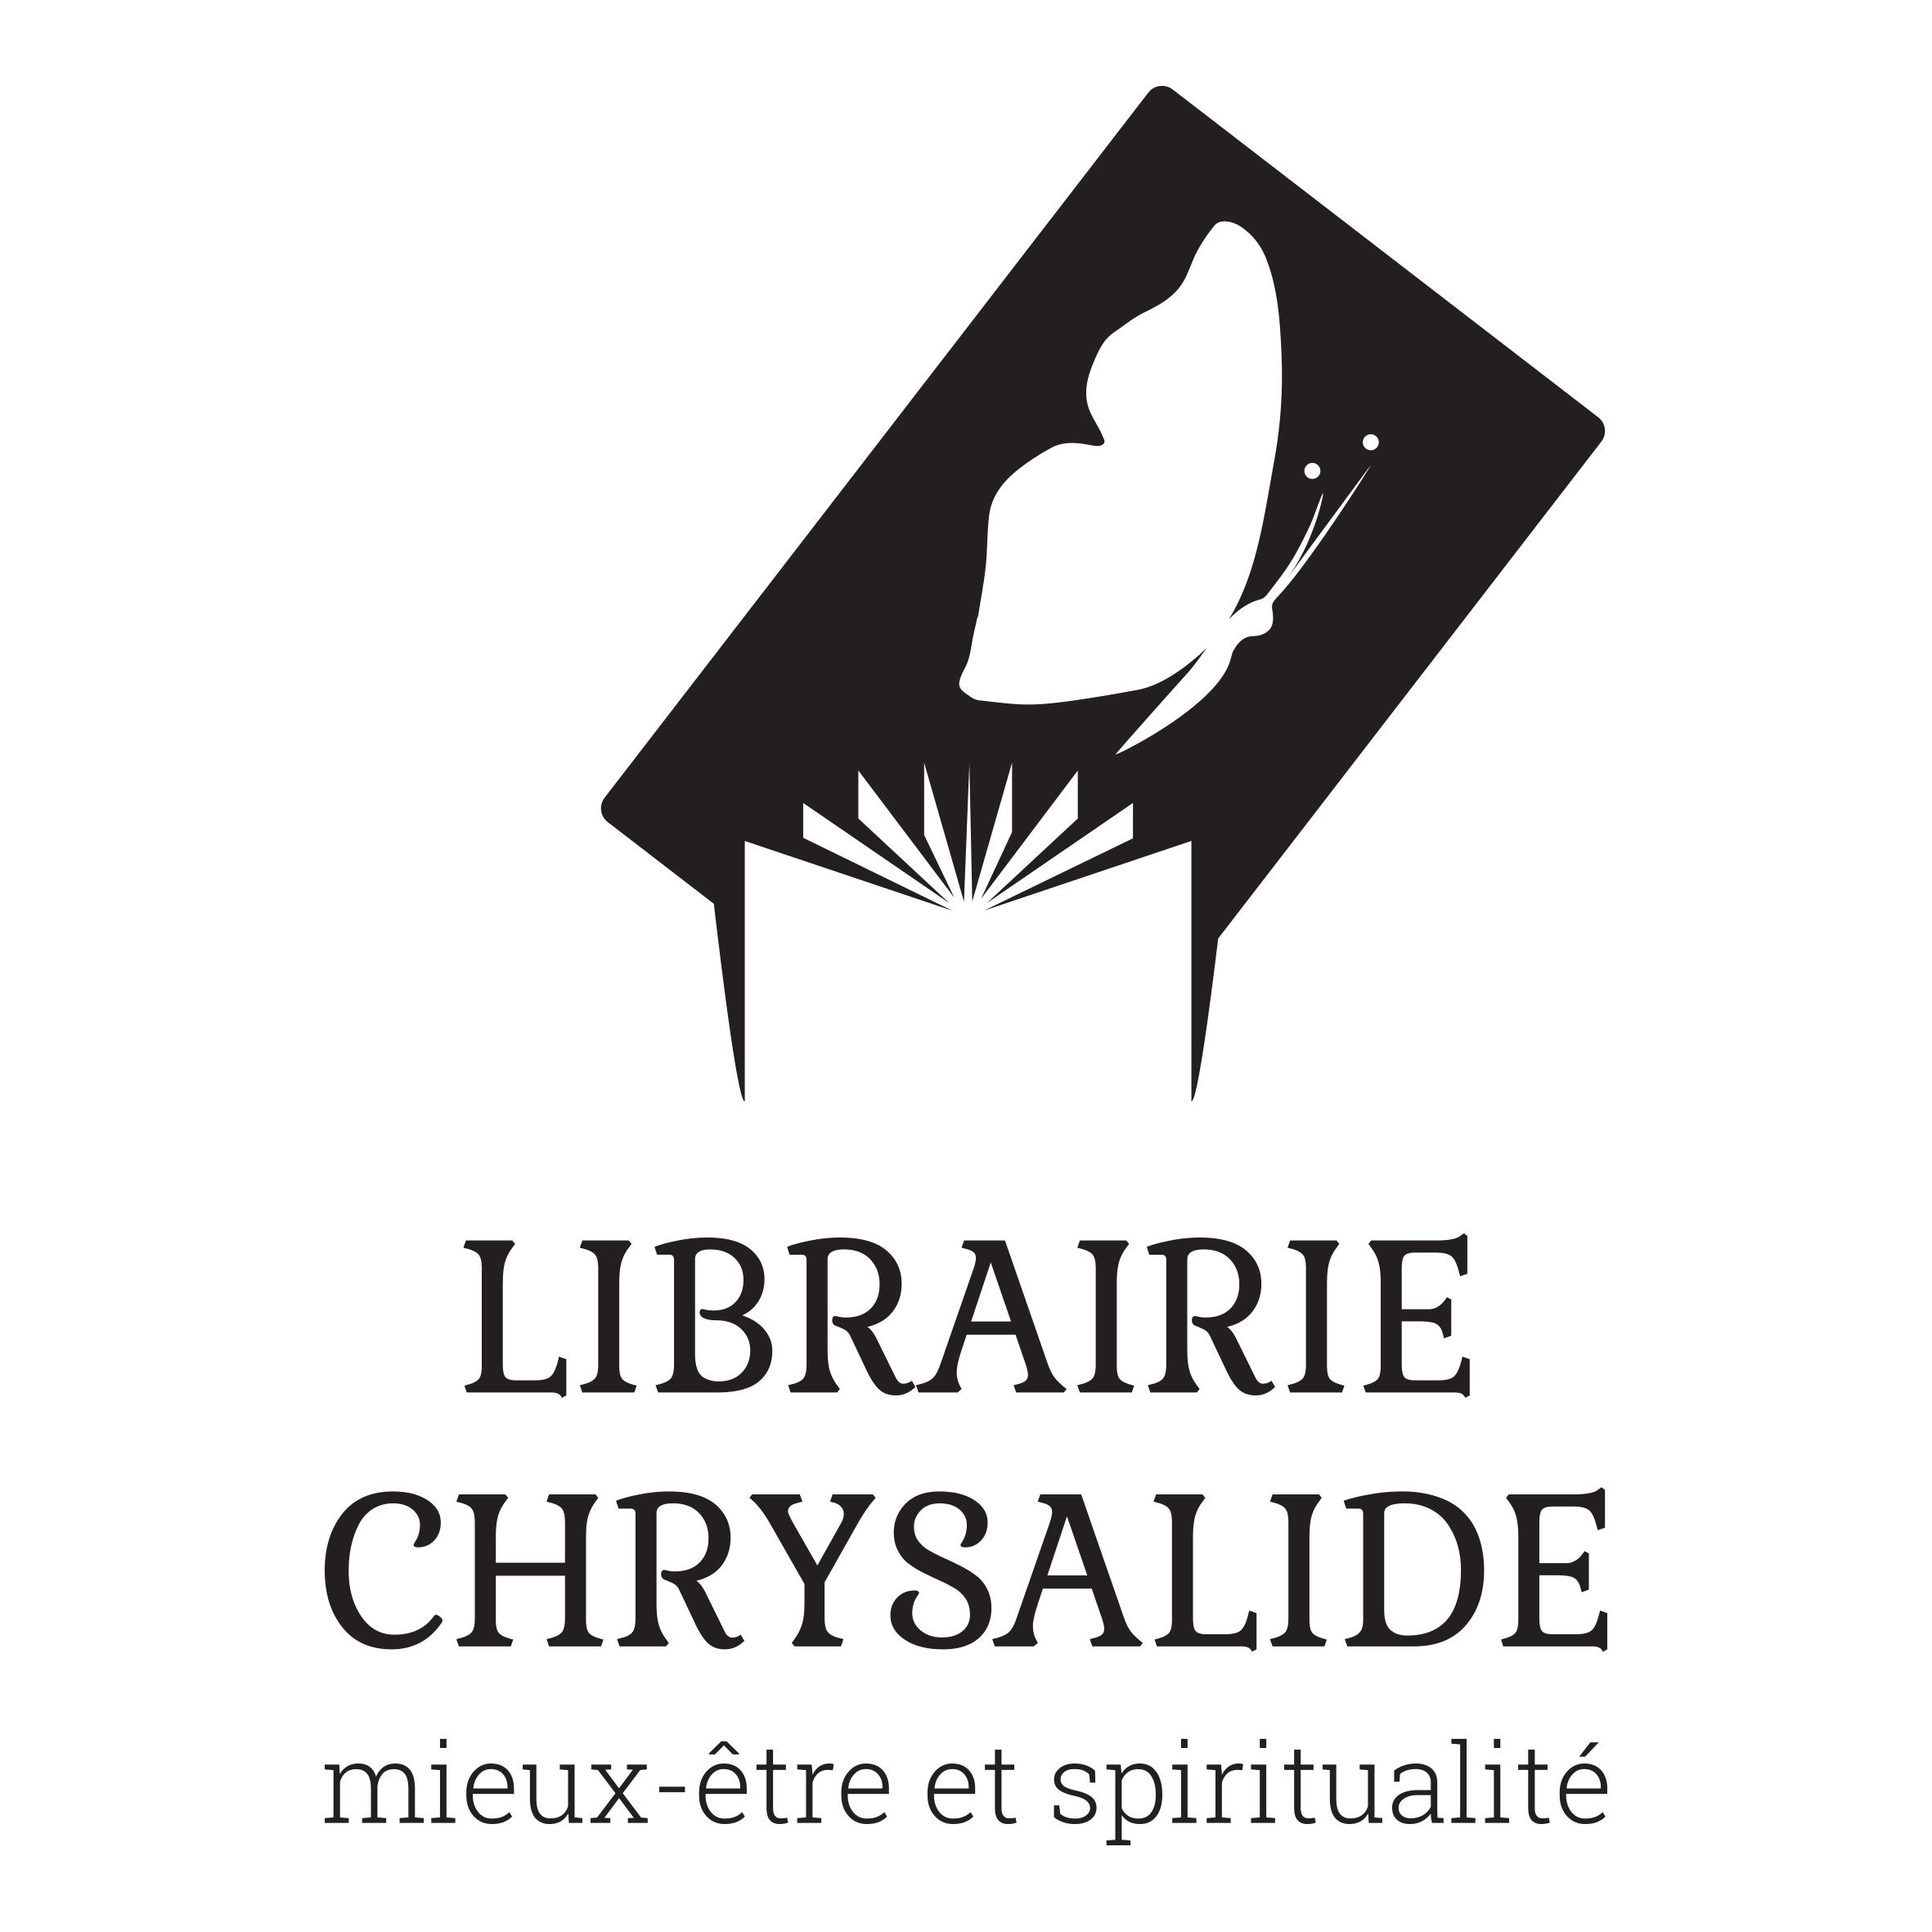 librairie Chrysalide librairie